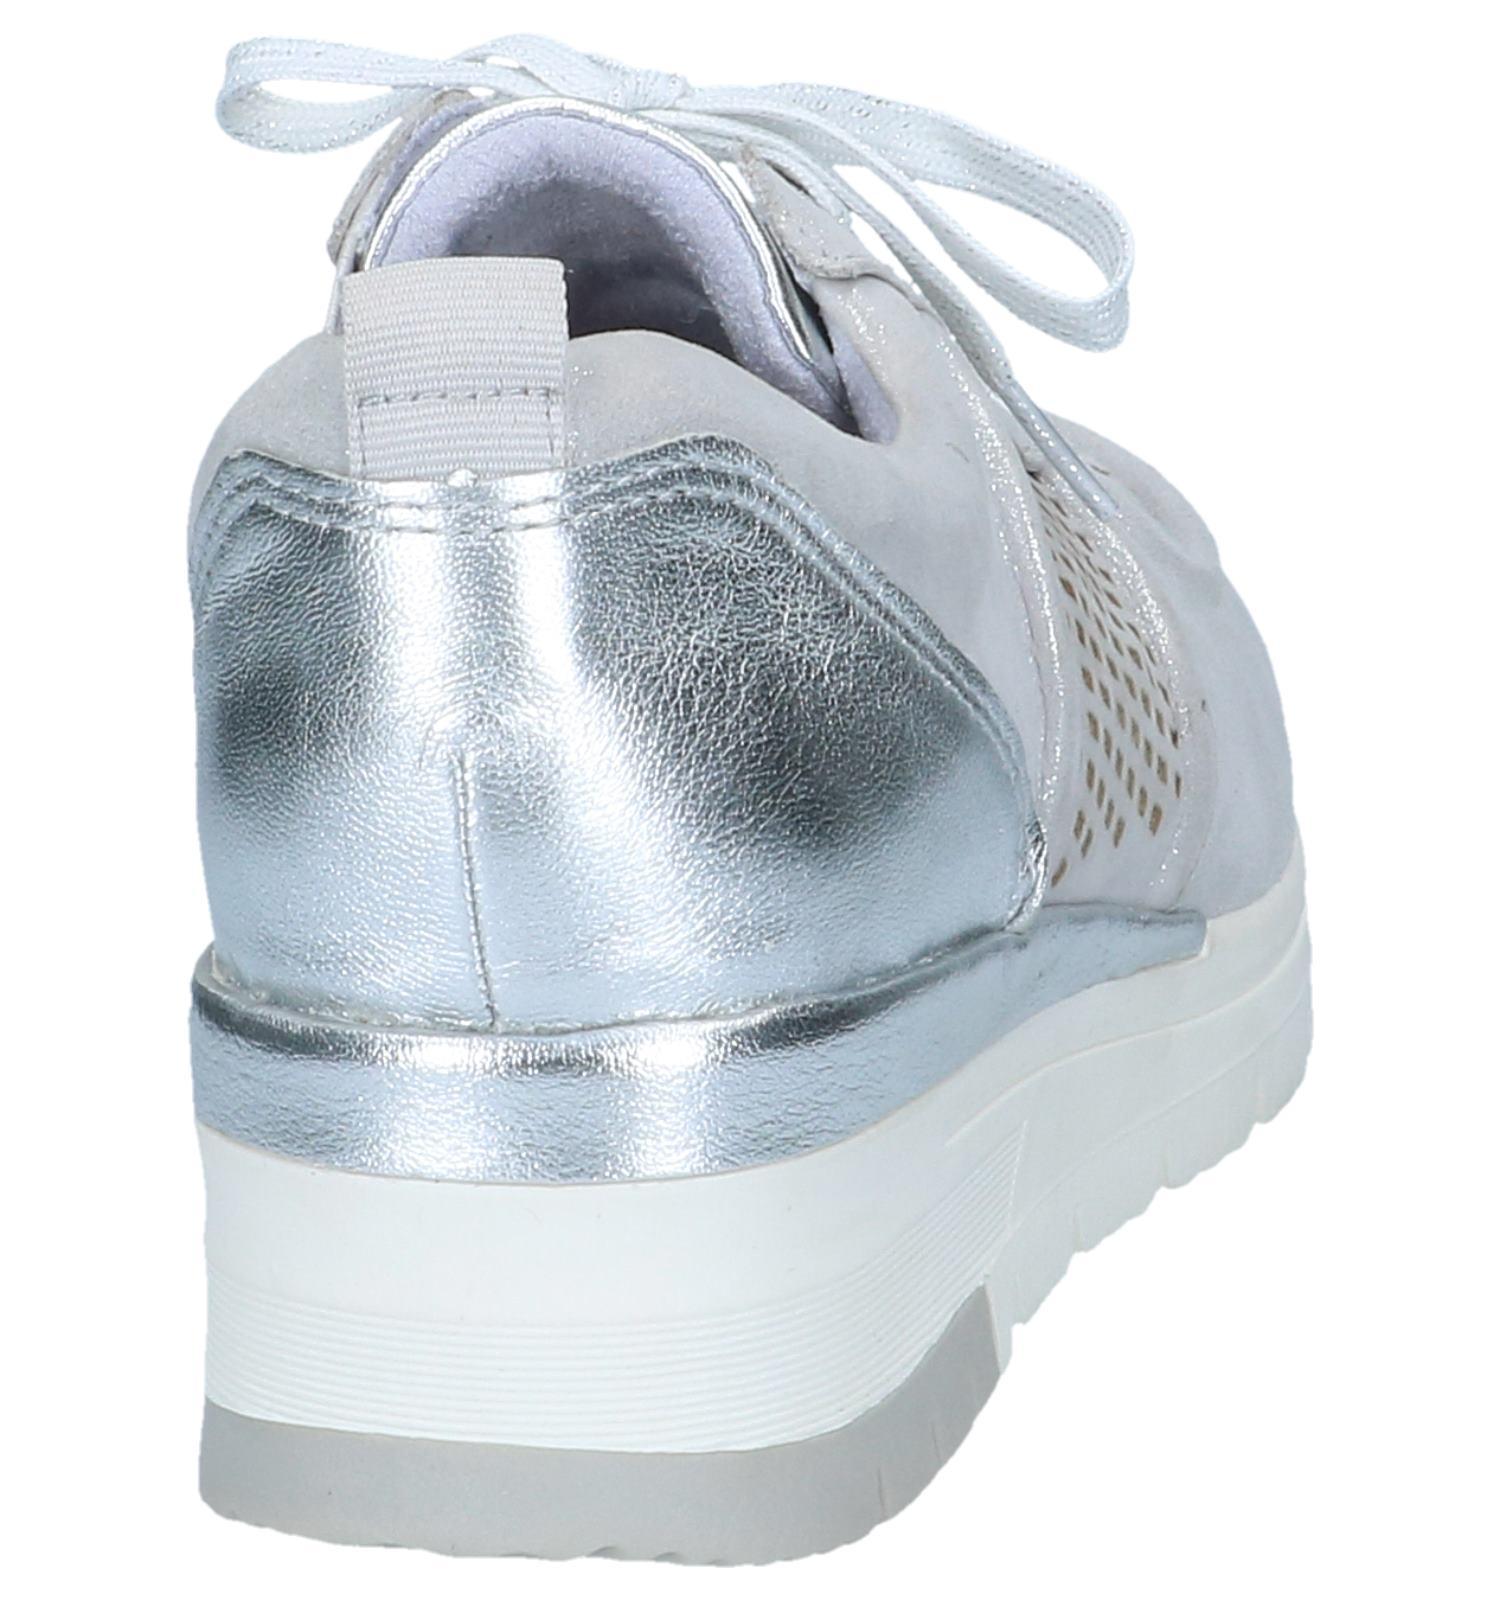 Zilveren Tamaris Tamaris Relax Relax Sneakers Fit Sneakers Sneakers Zilveren Tamaris Zilveren Fit USzMVpq